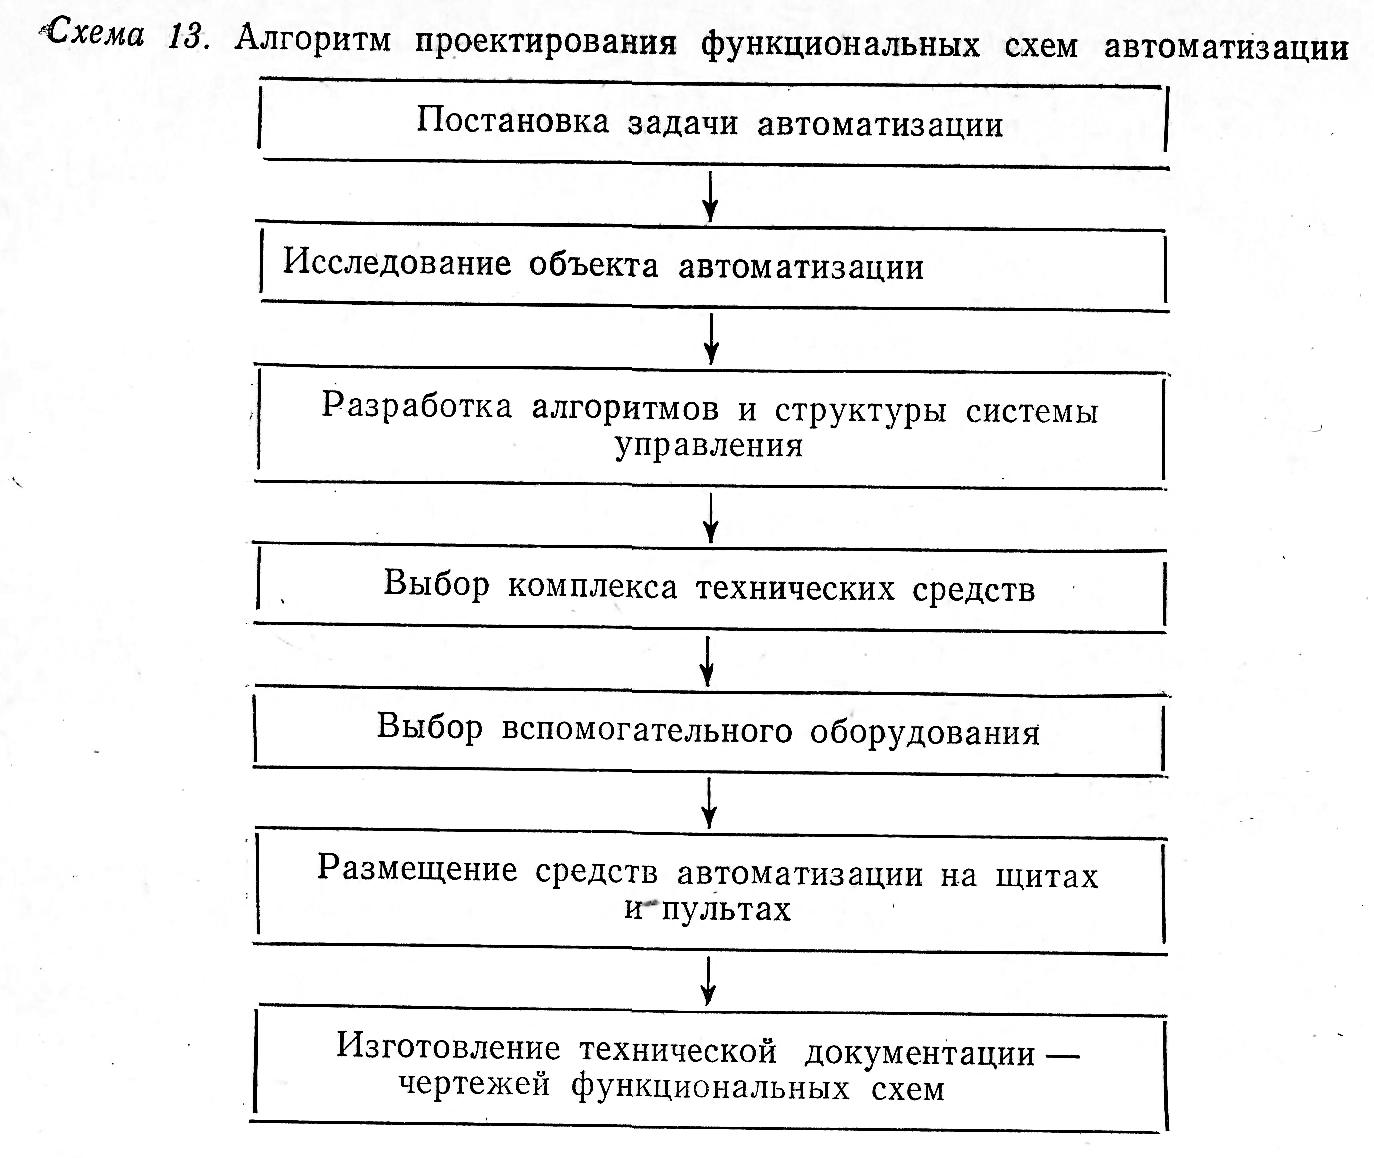 Разработка функциональных схем автоматизации